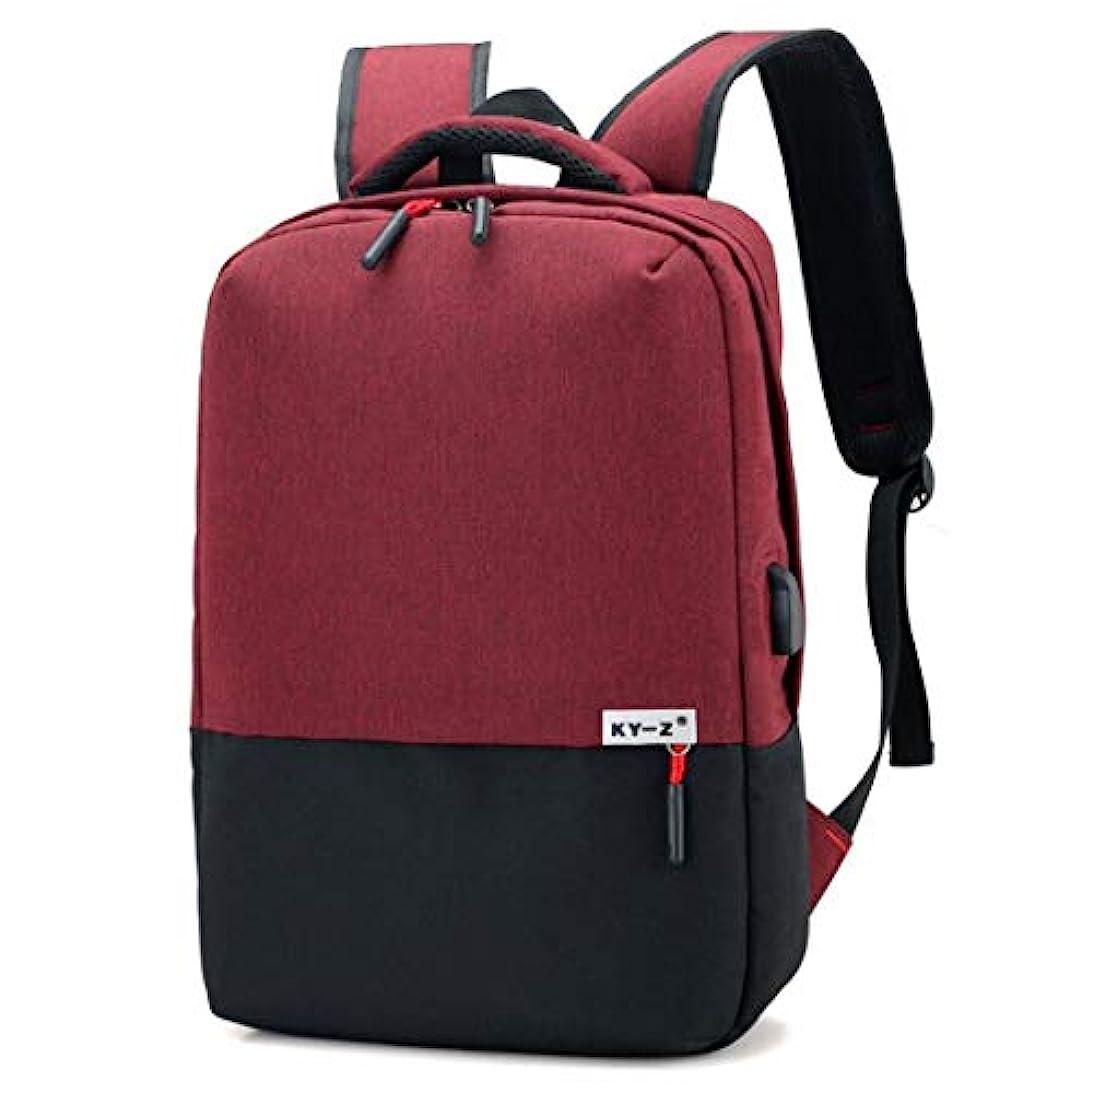 作成する短くする慣習LCPTJ バックパックメンズトラベルバッグバックパックカレッジ高校学生バッグ女性のビジネスコンピュータバッグ複数の色があります